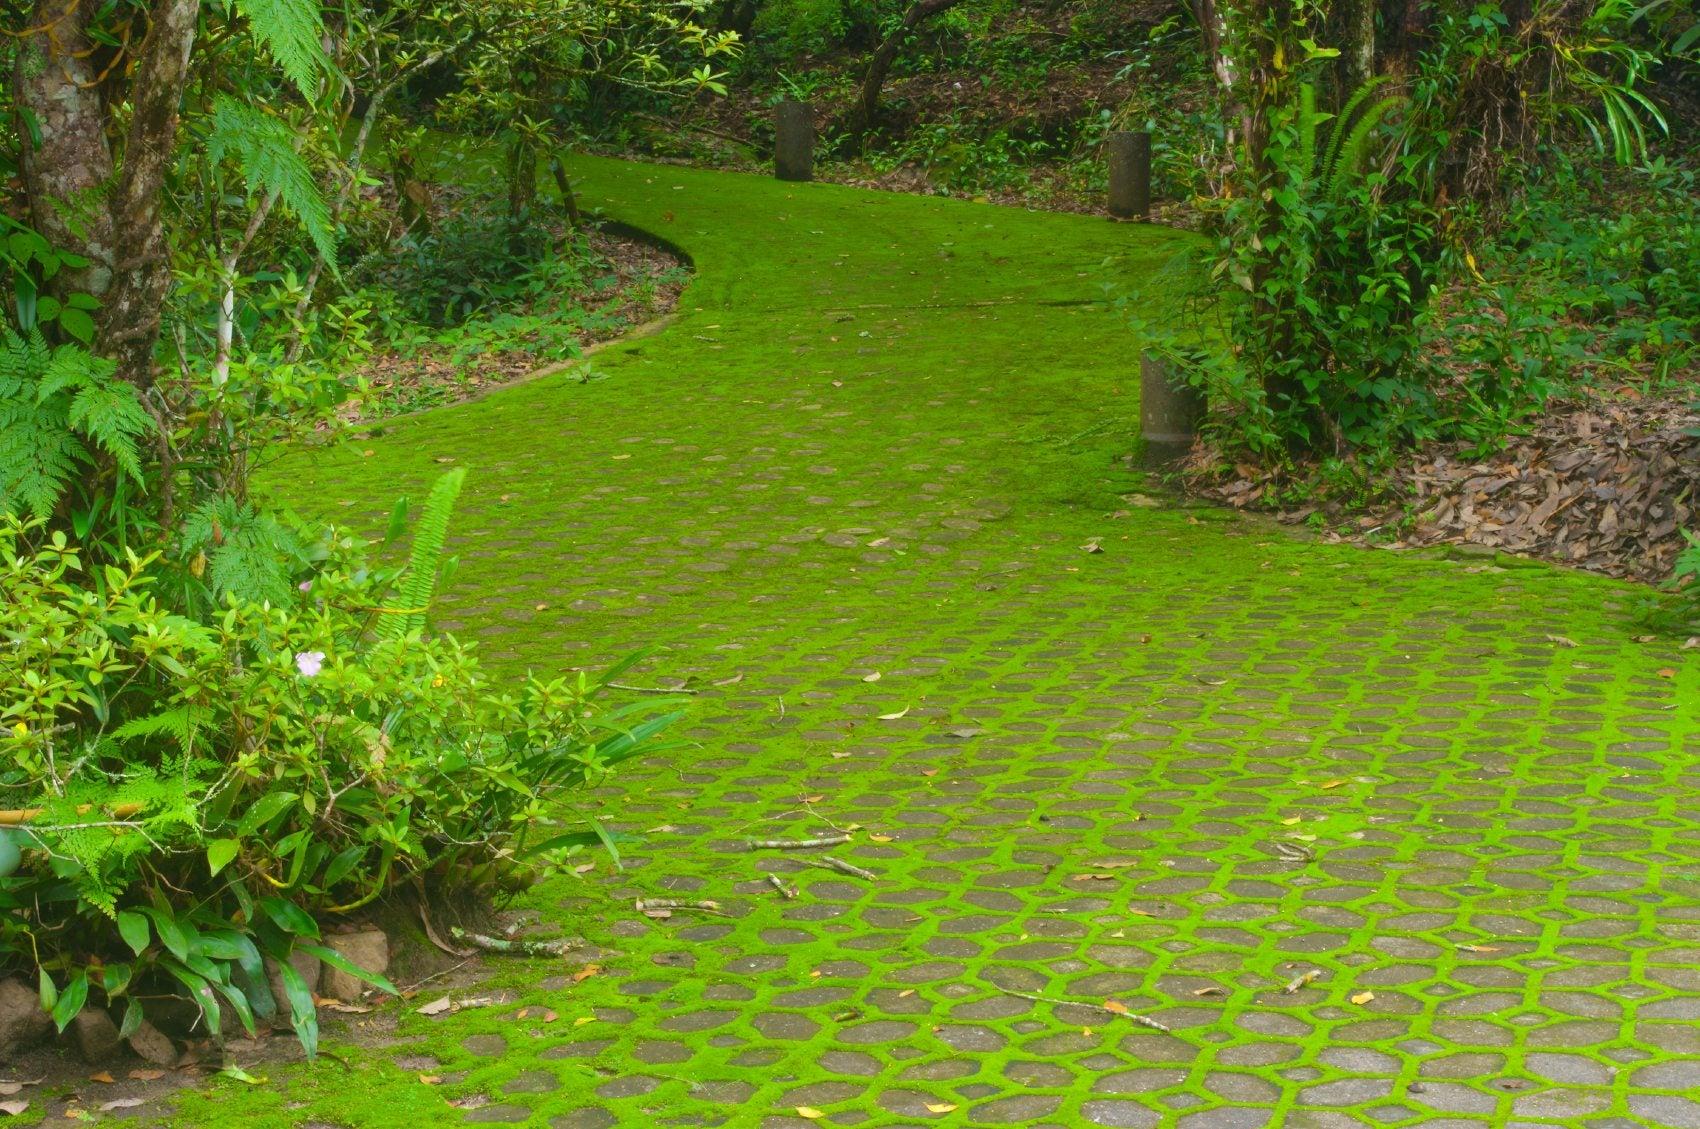 Moss lawn care growing moss lawns instead of grass for Garden grass